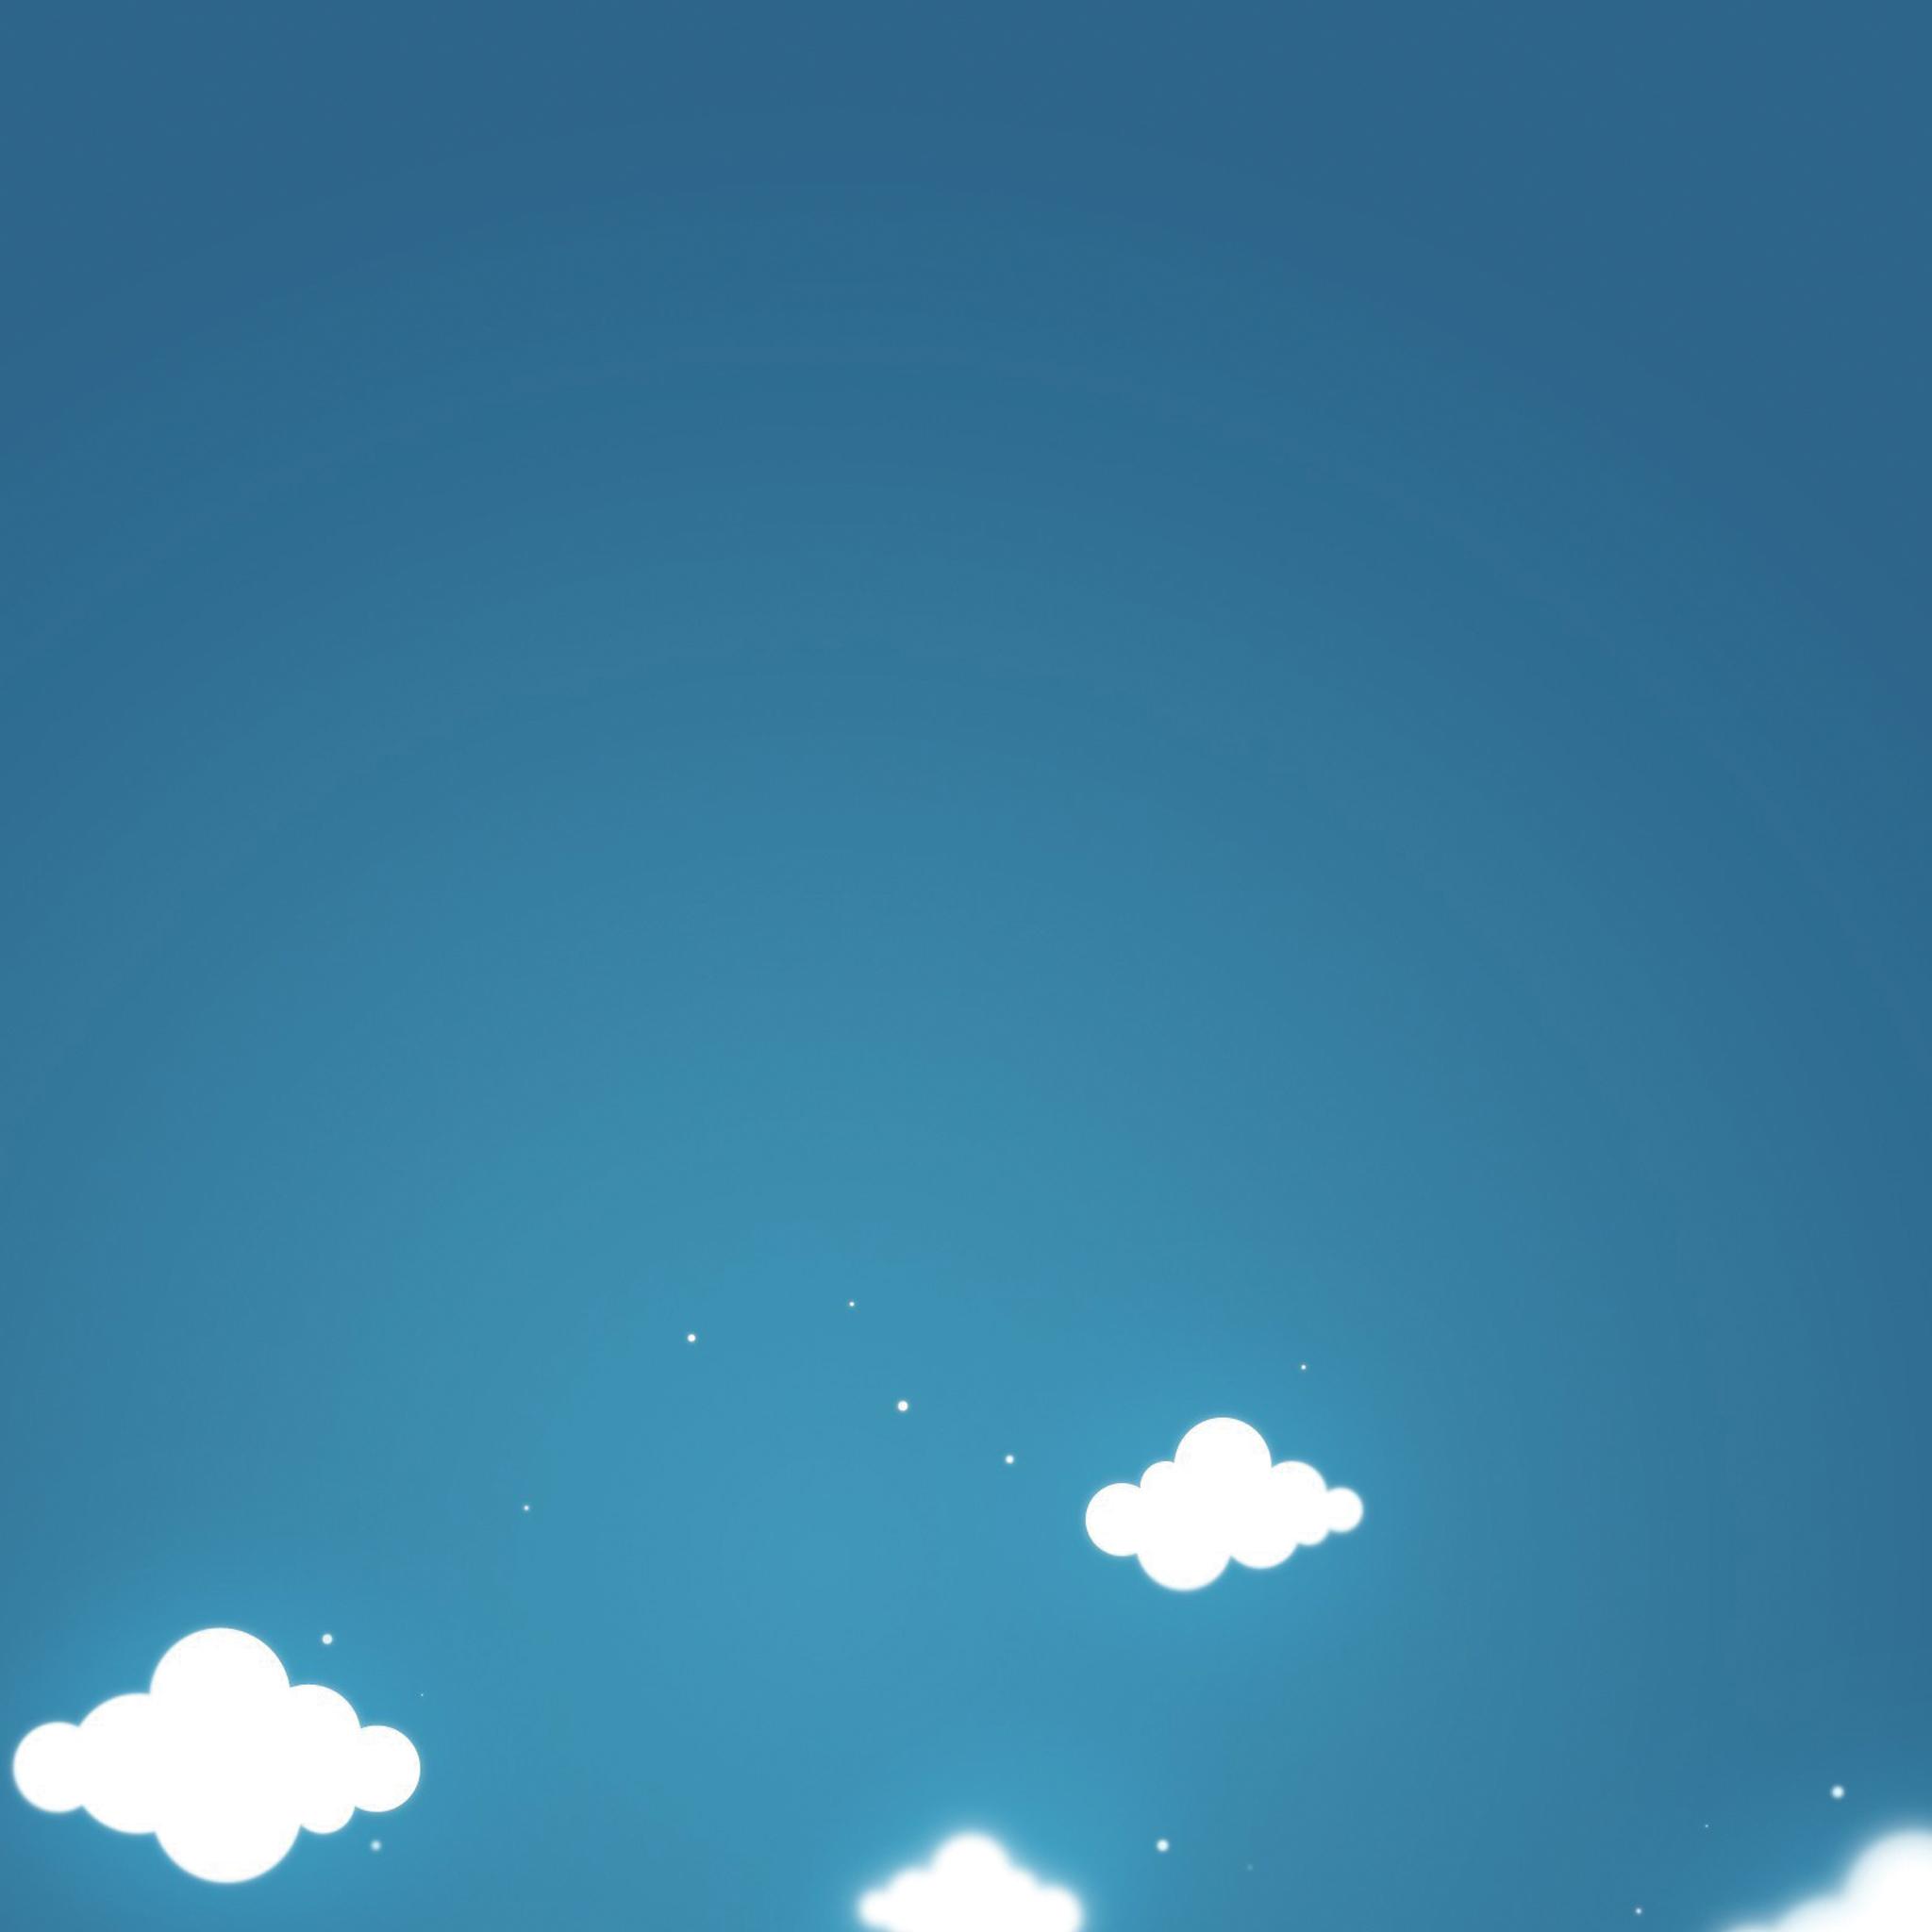 Cloudy-3Wallpapers-iPad-Retina